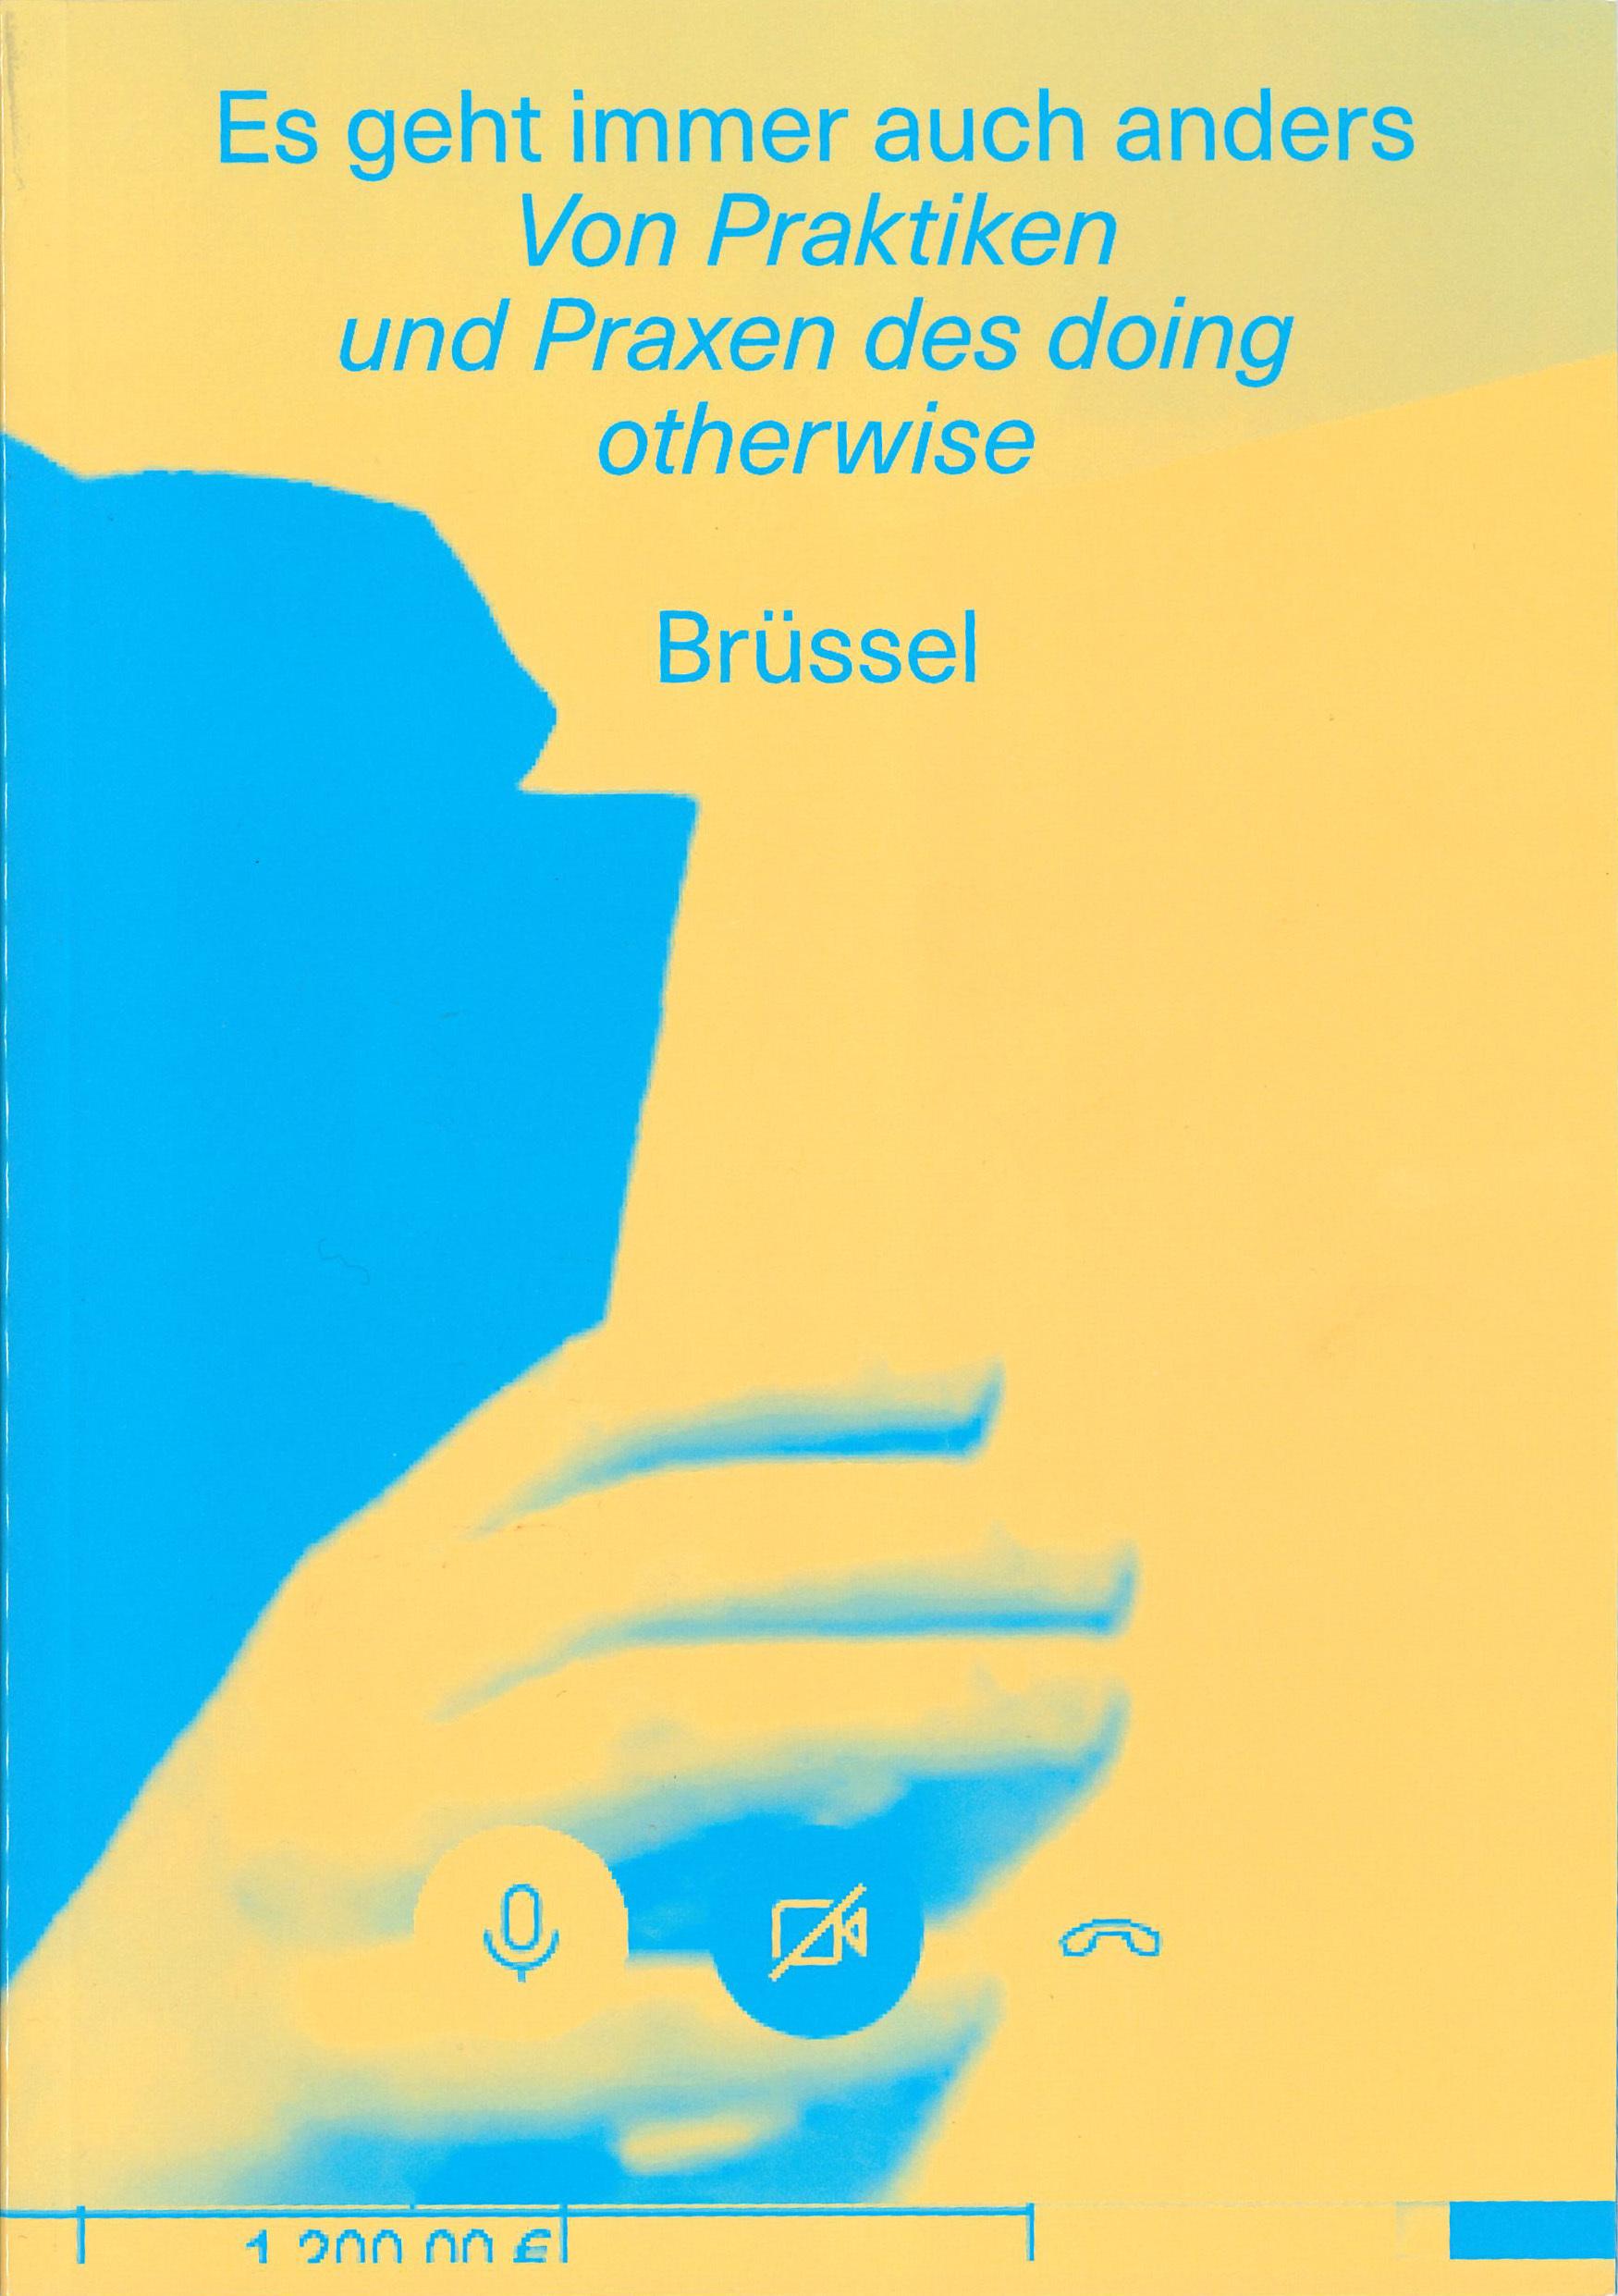 2020 Brussel